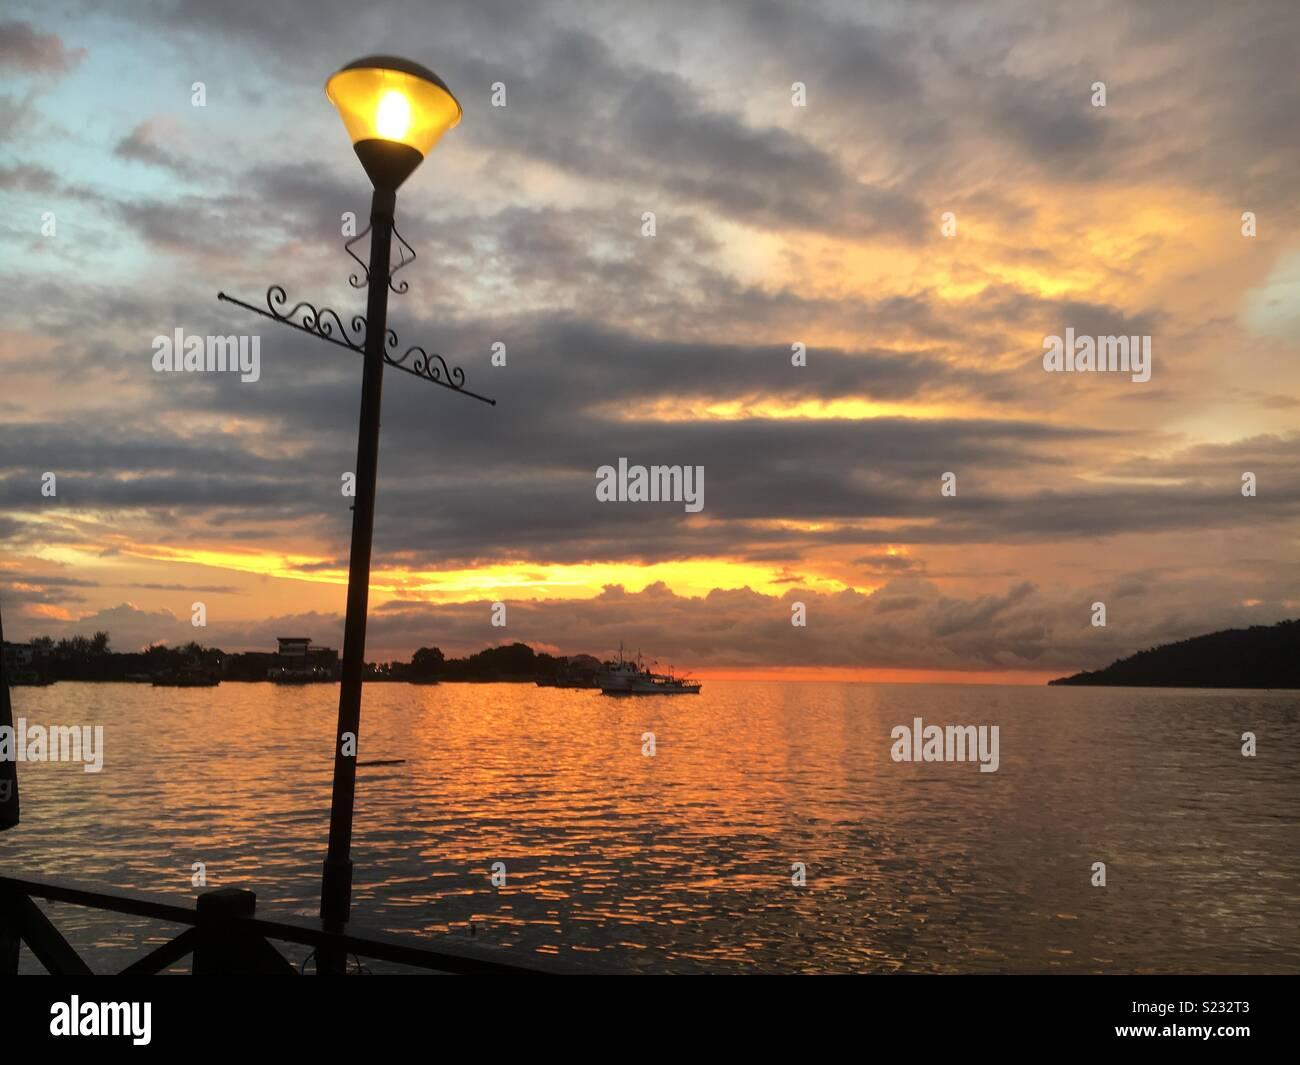 Sunset in Kota Kinabalu - Stock Image